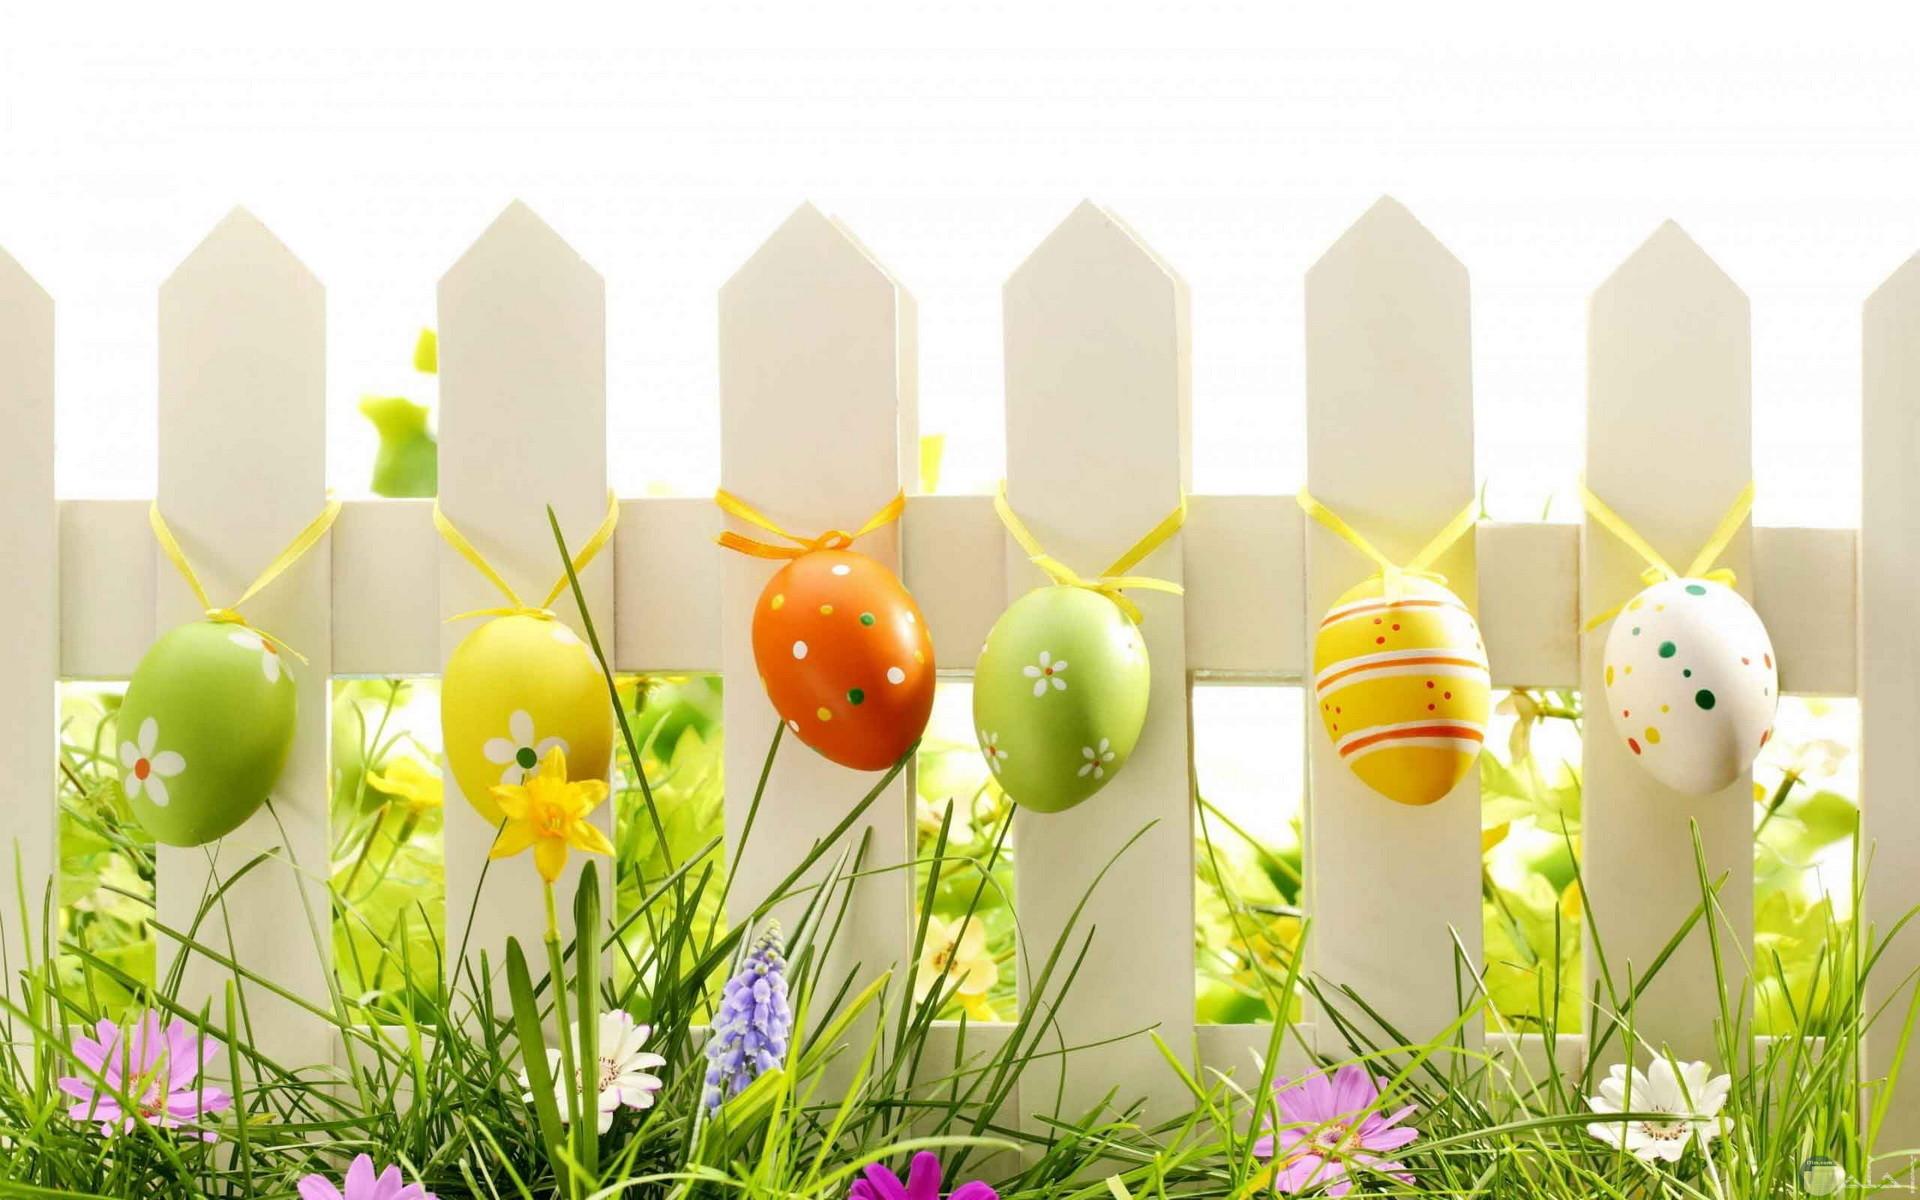 خلفيات روعة لعيد الربيع.